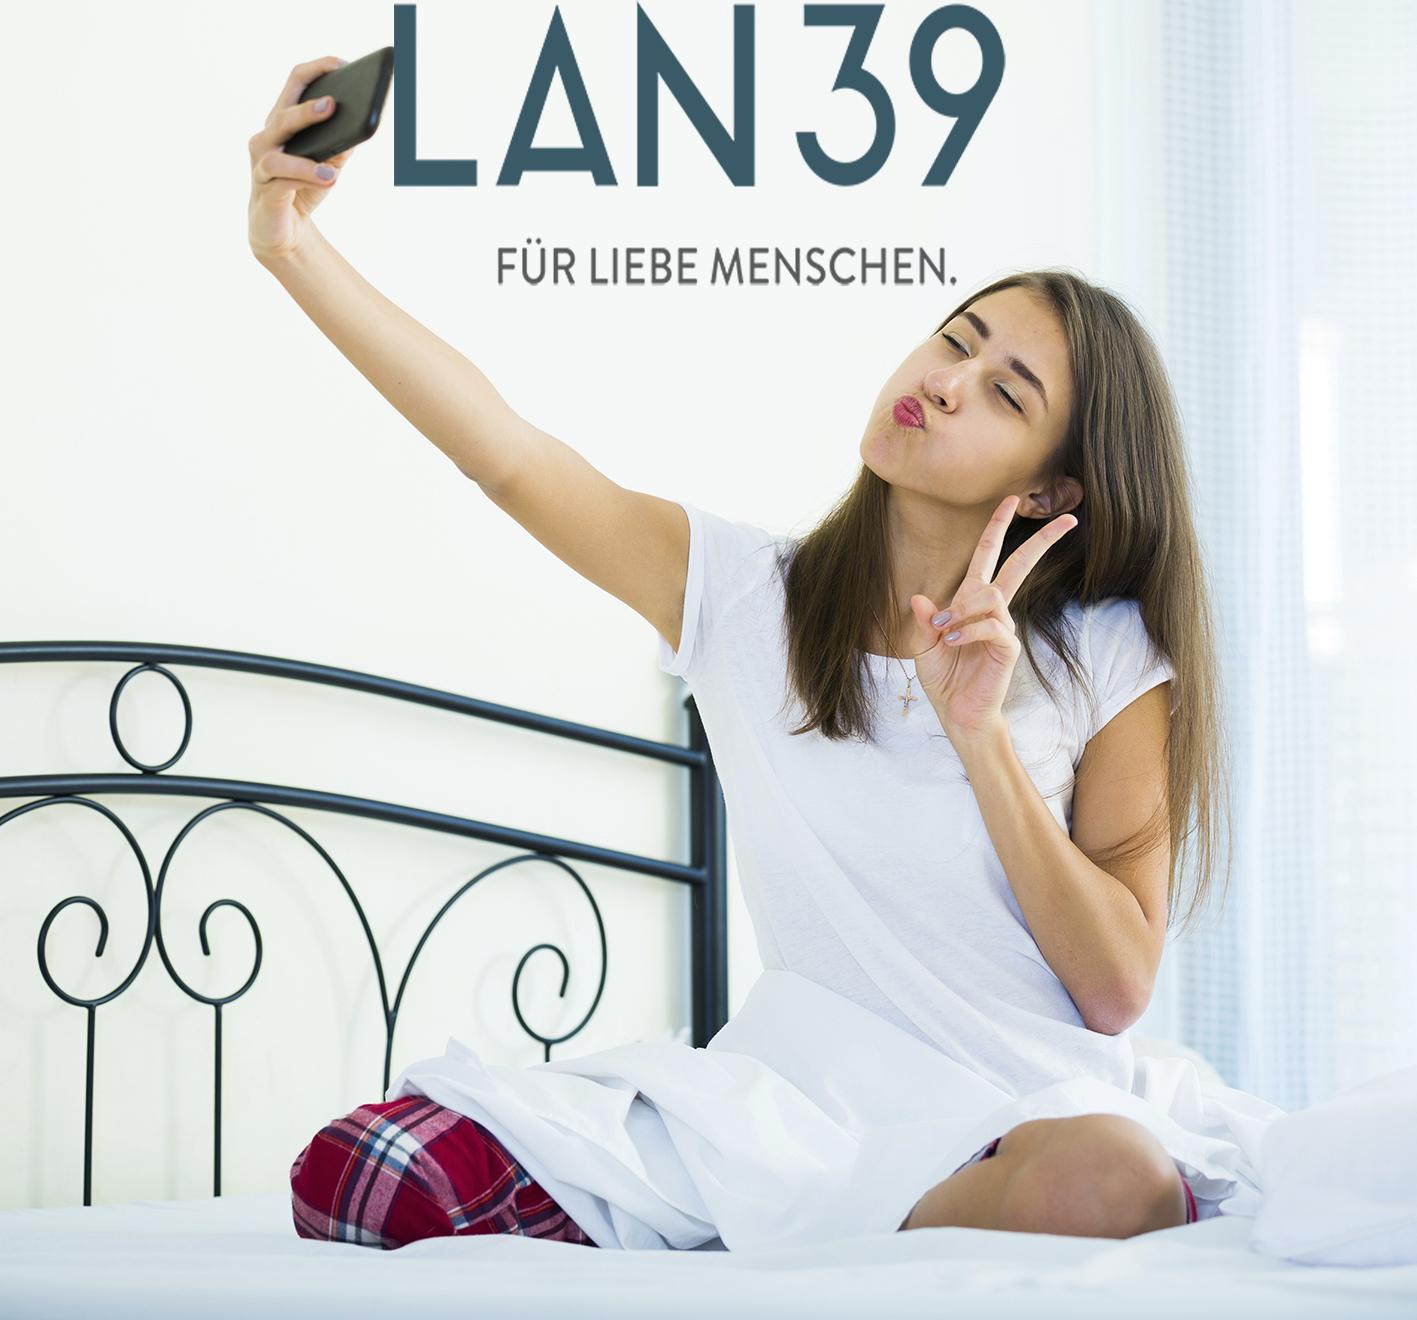 LAN 39 für liebe Menschen